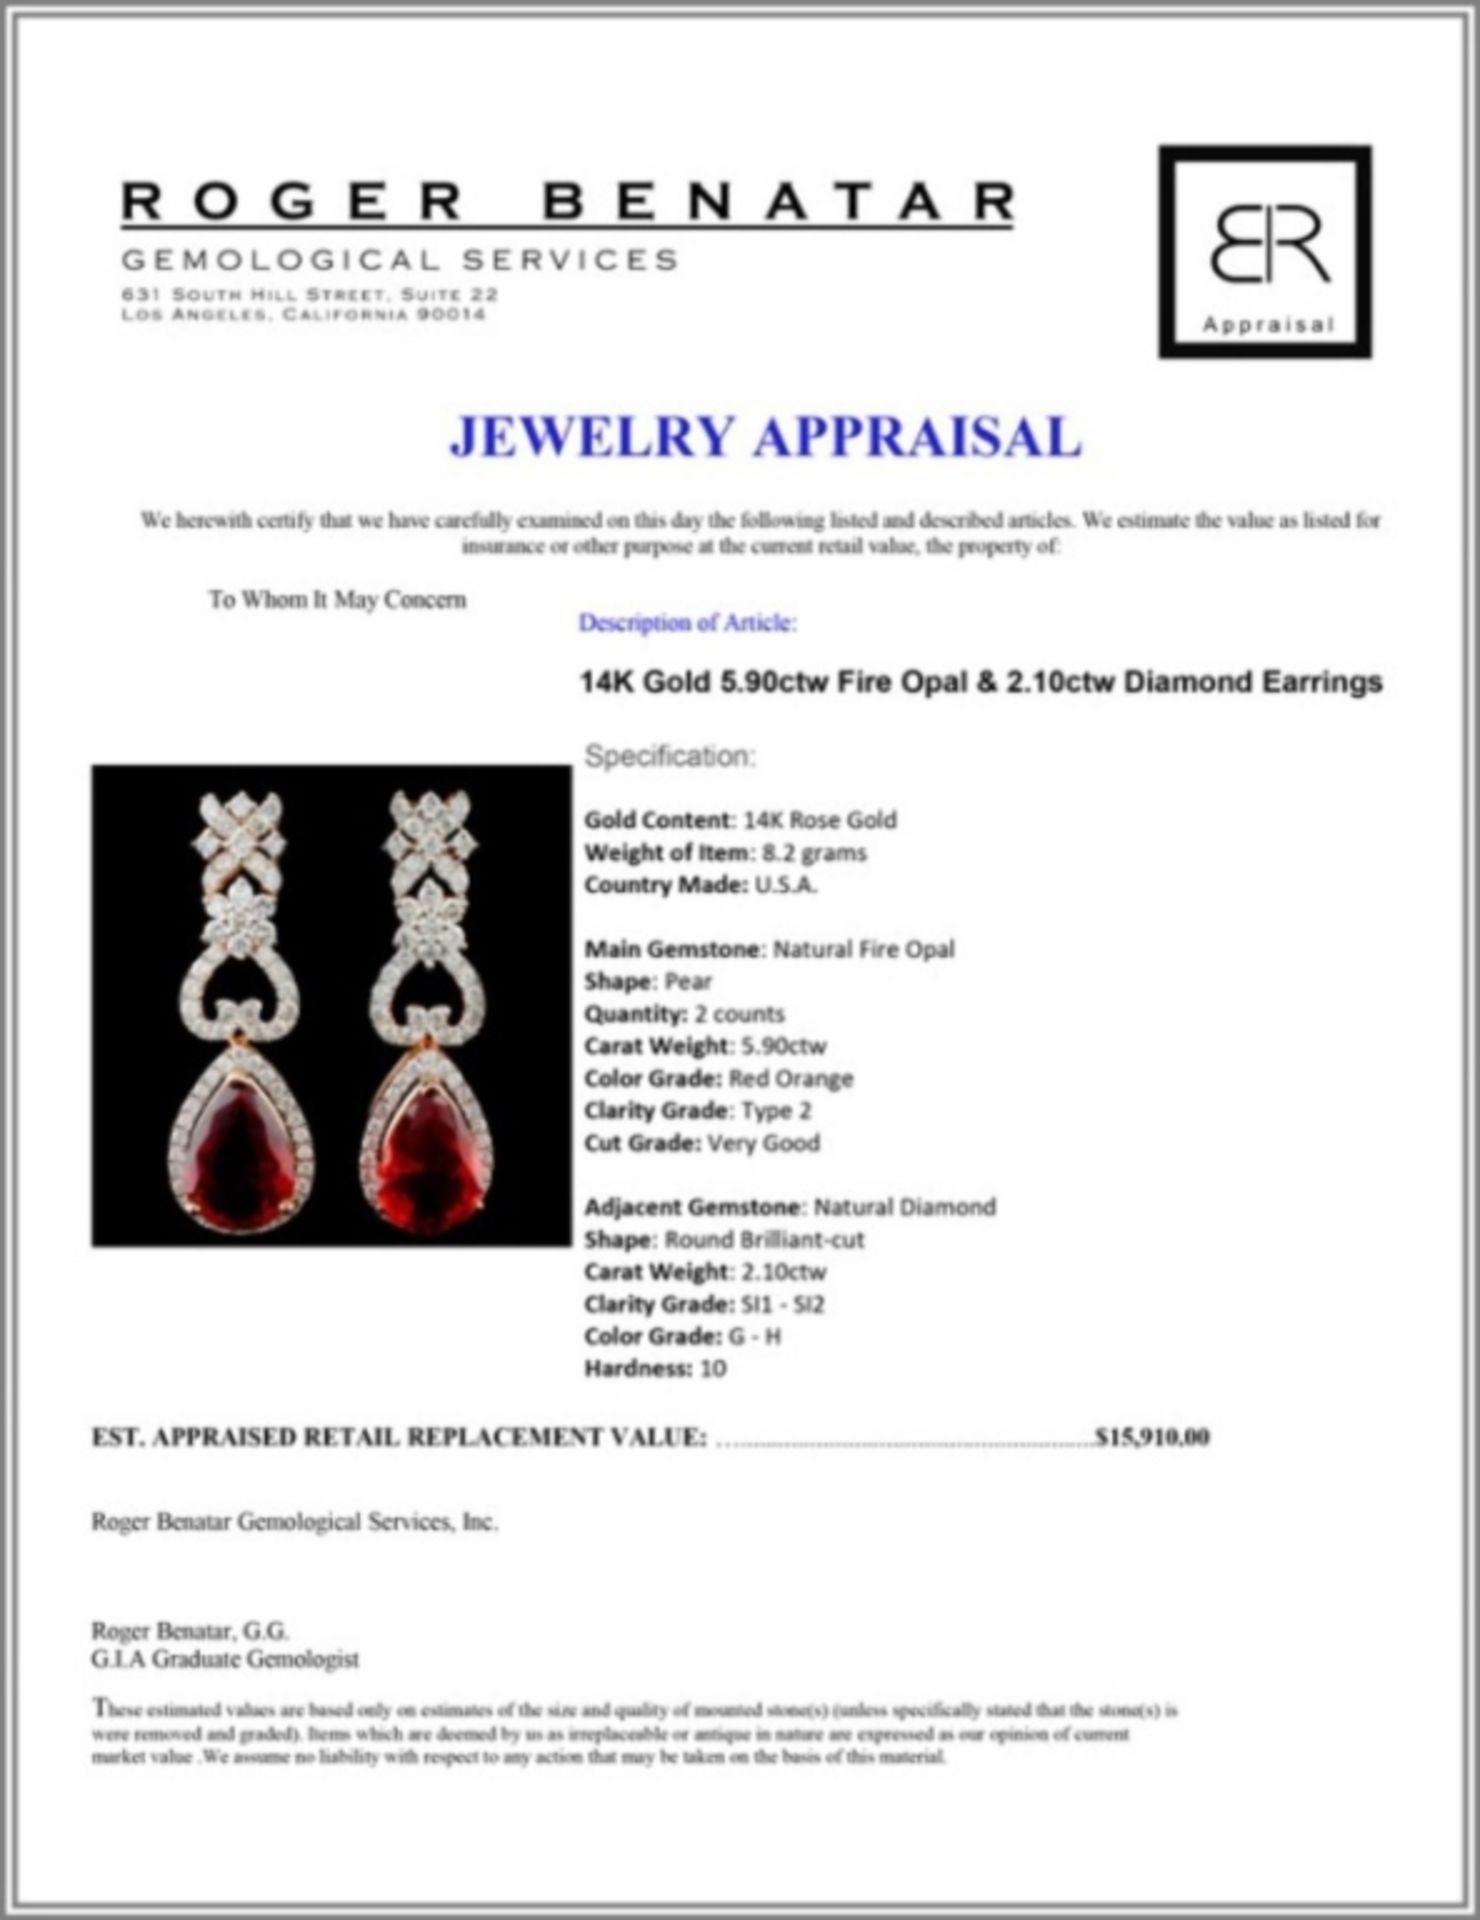 14K Gold 5.90ctw Fire Opal & 2.10ctw Diamond Earri - Image 3 of 3